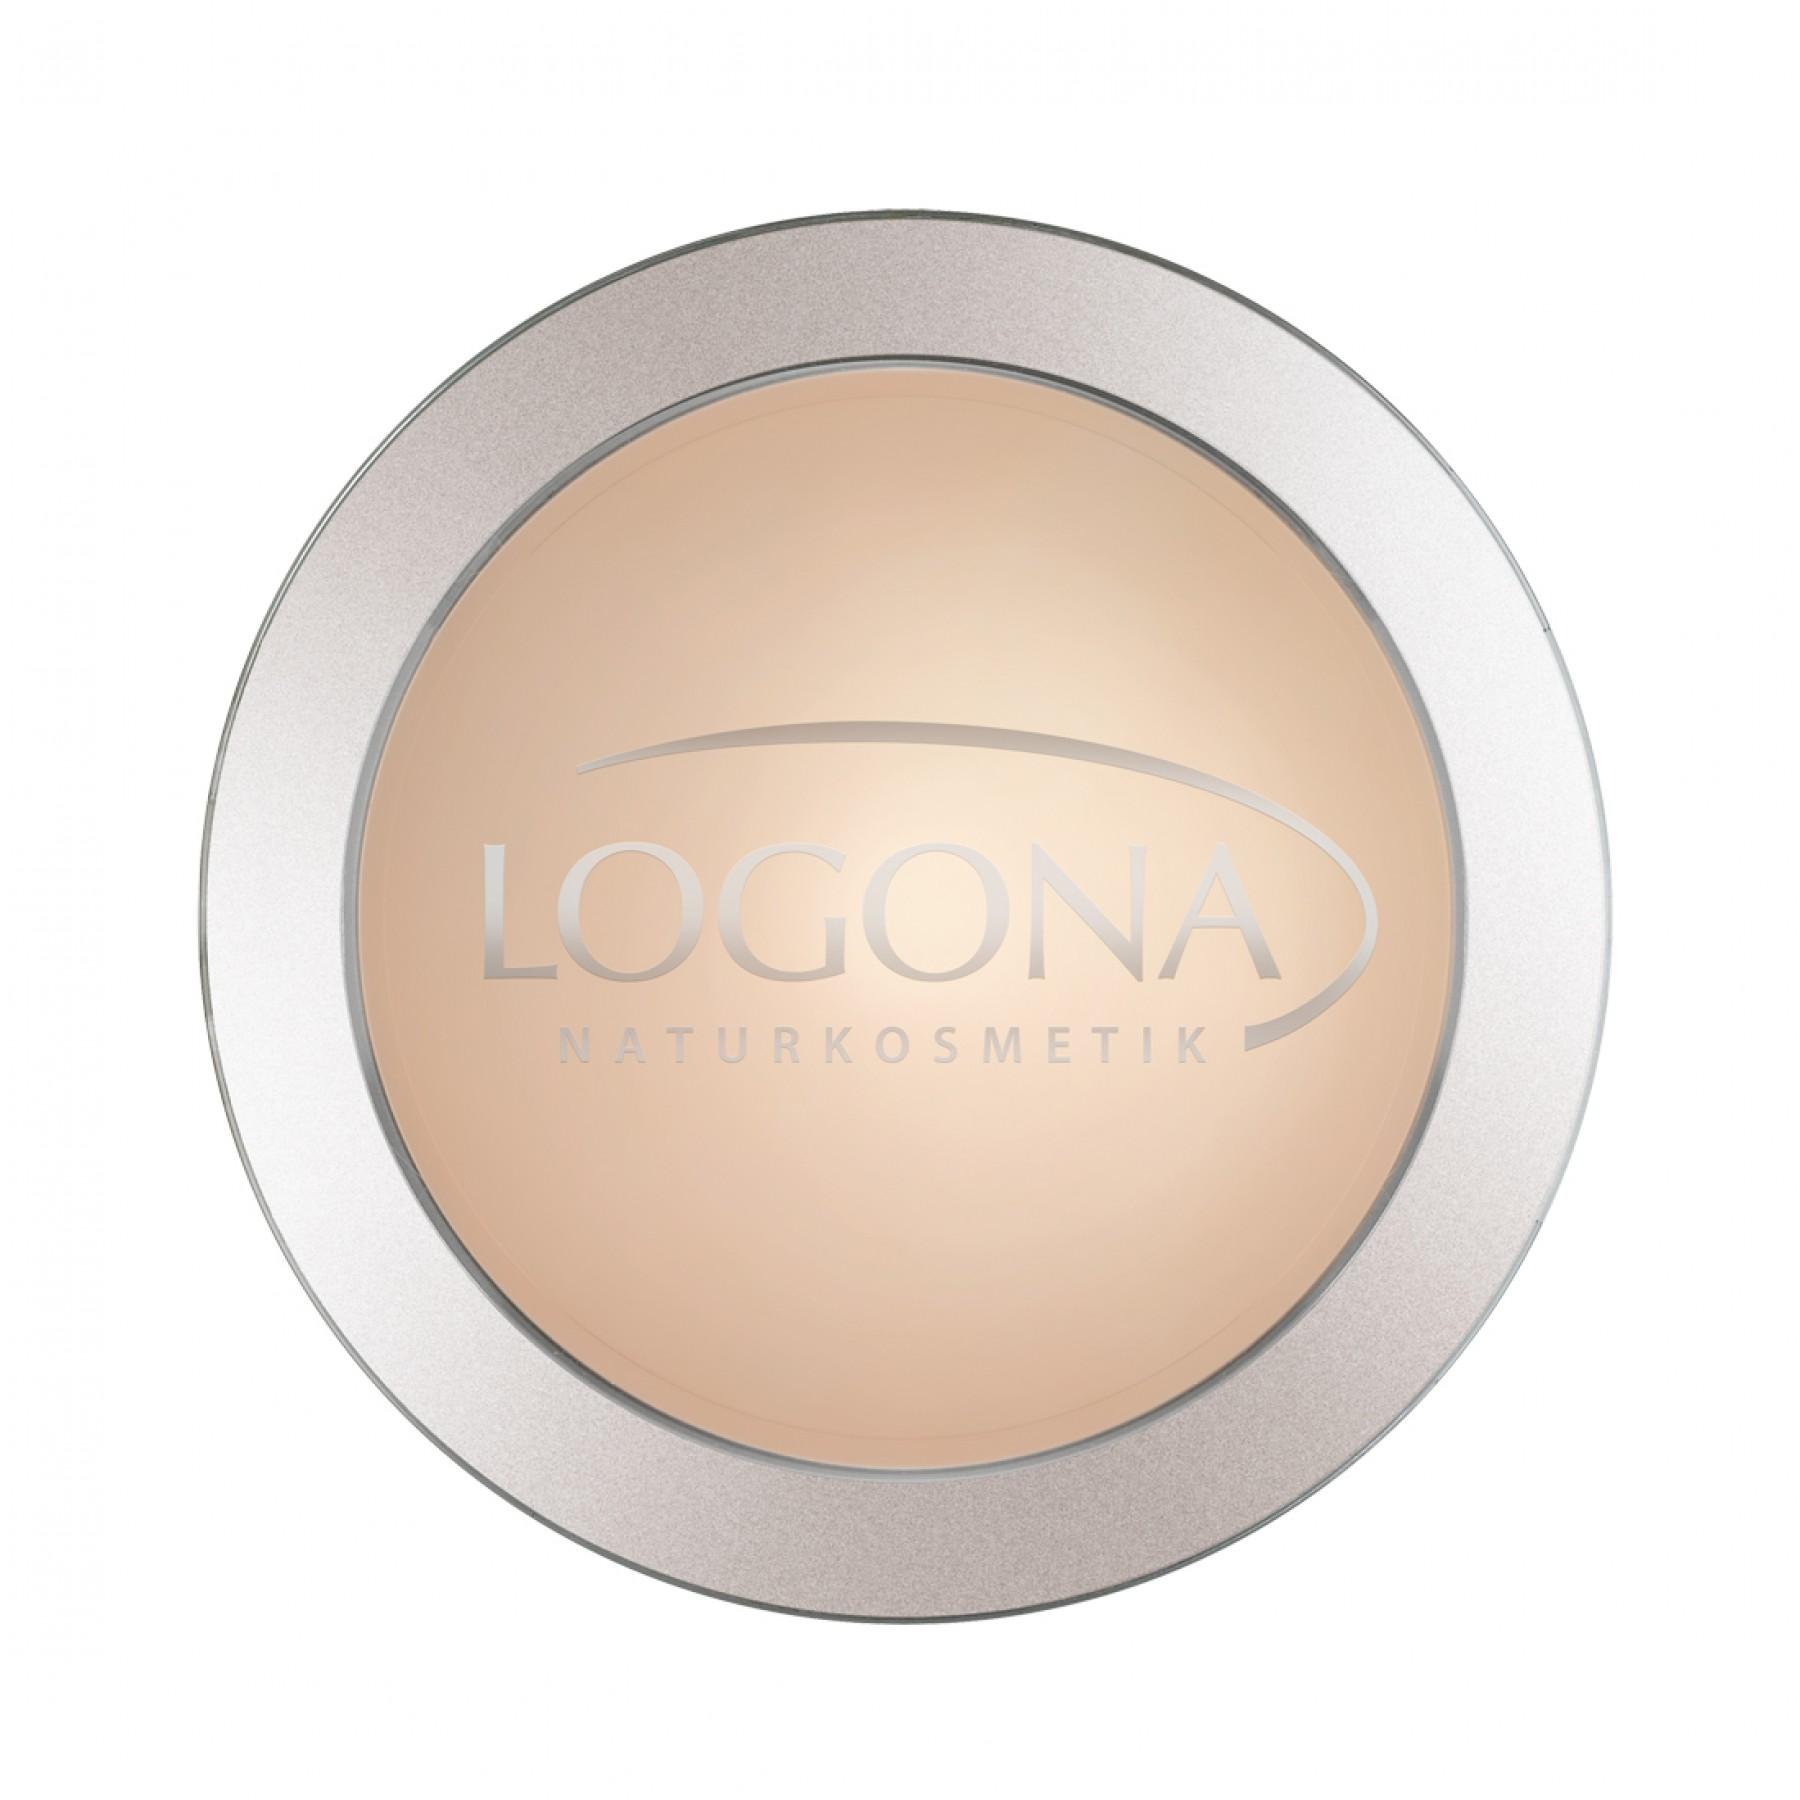 Pudder kompakt 01 light beige